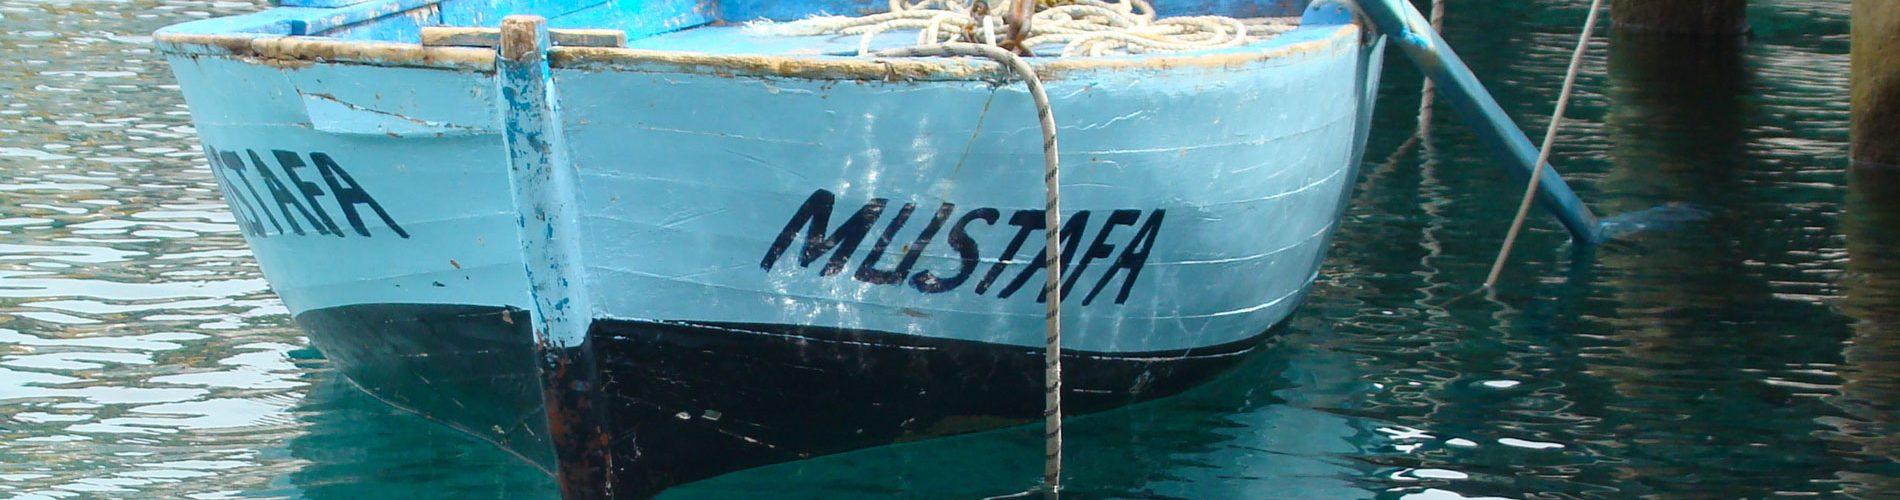 Mustafa-header